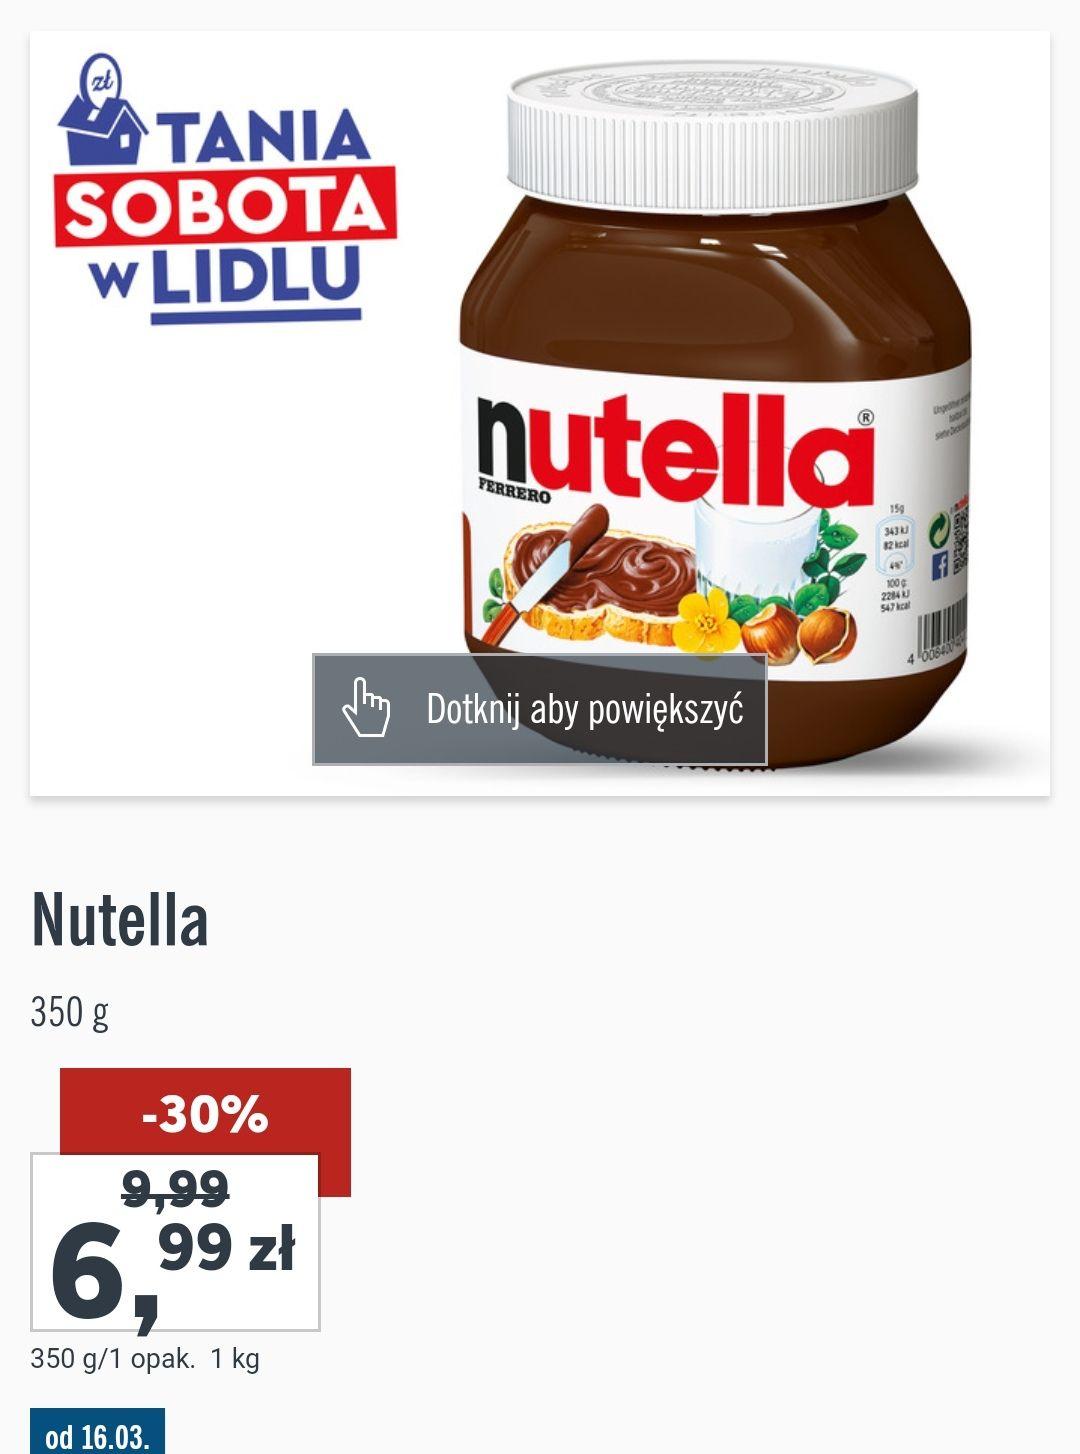 Nutella w Lidlu 6.99tylko w sobotę 16.03